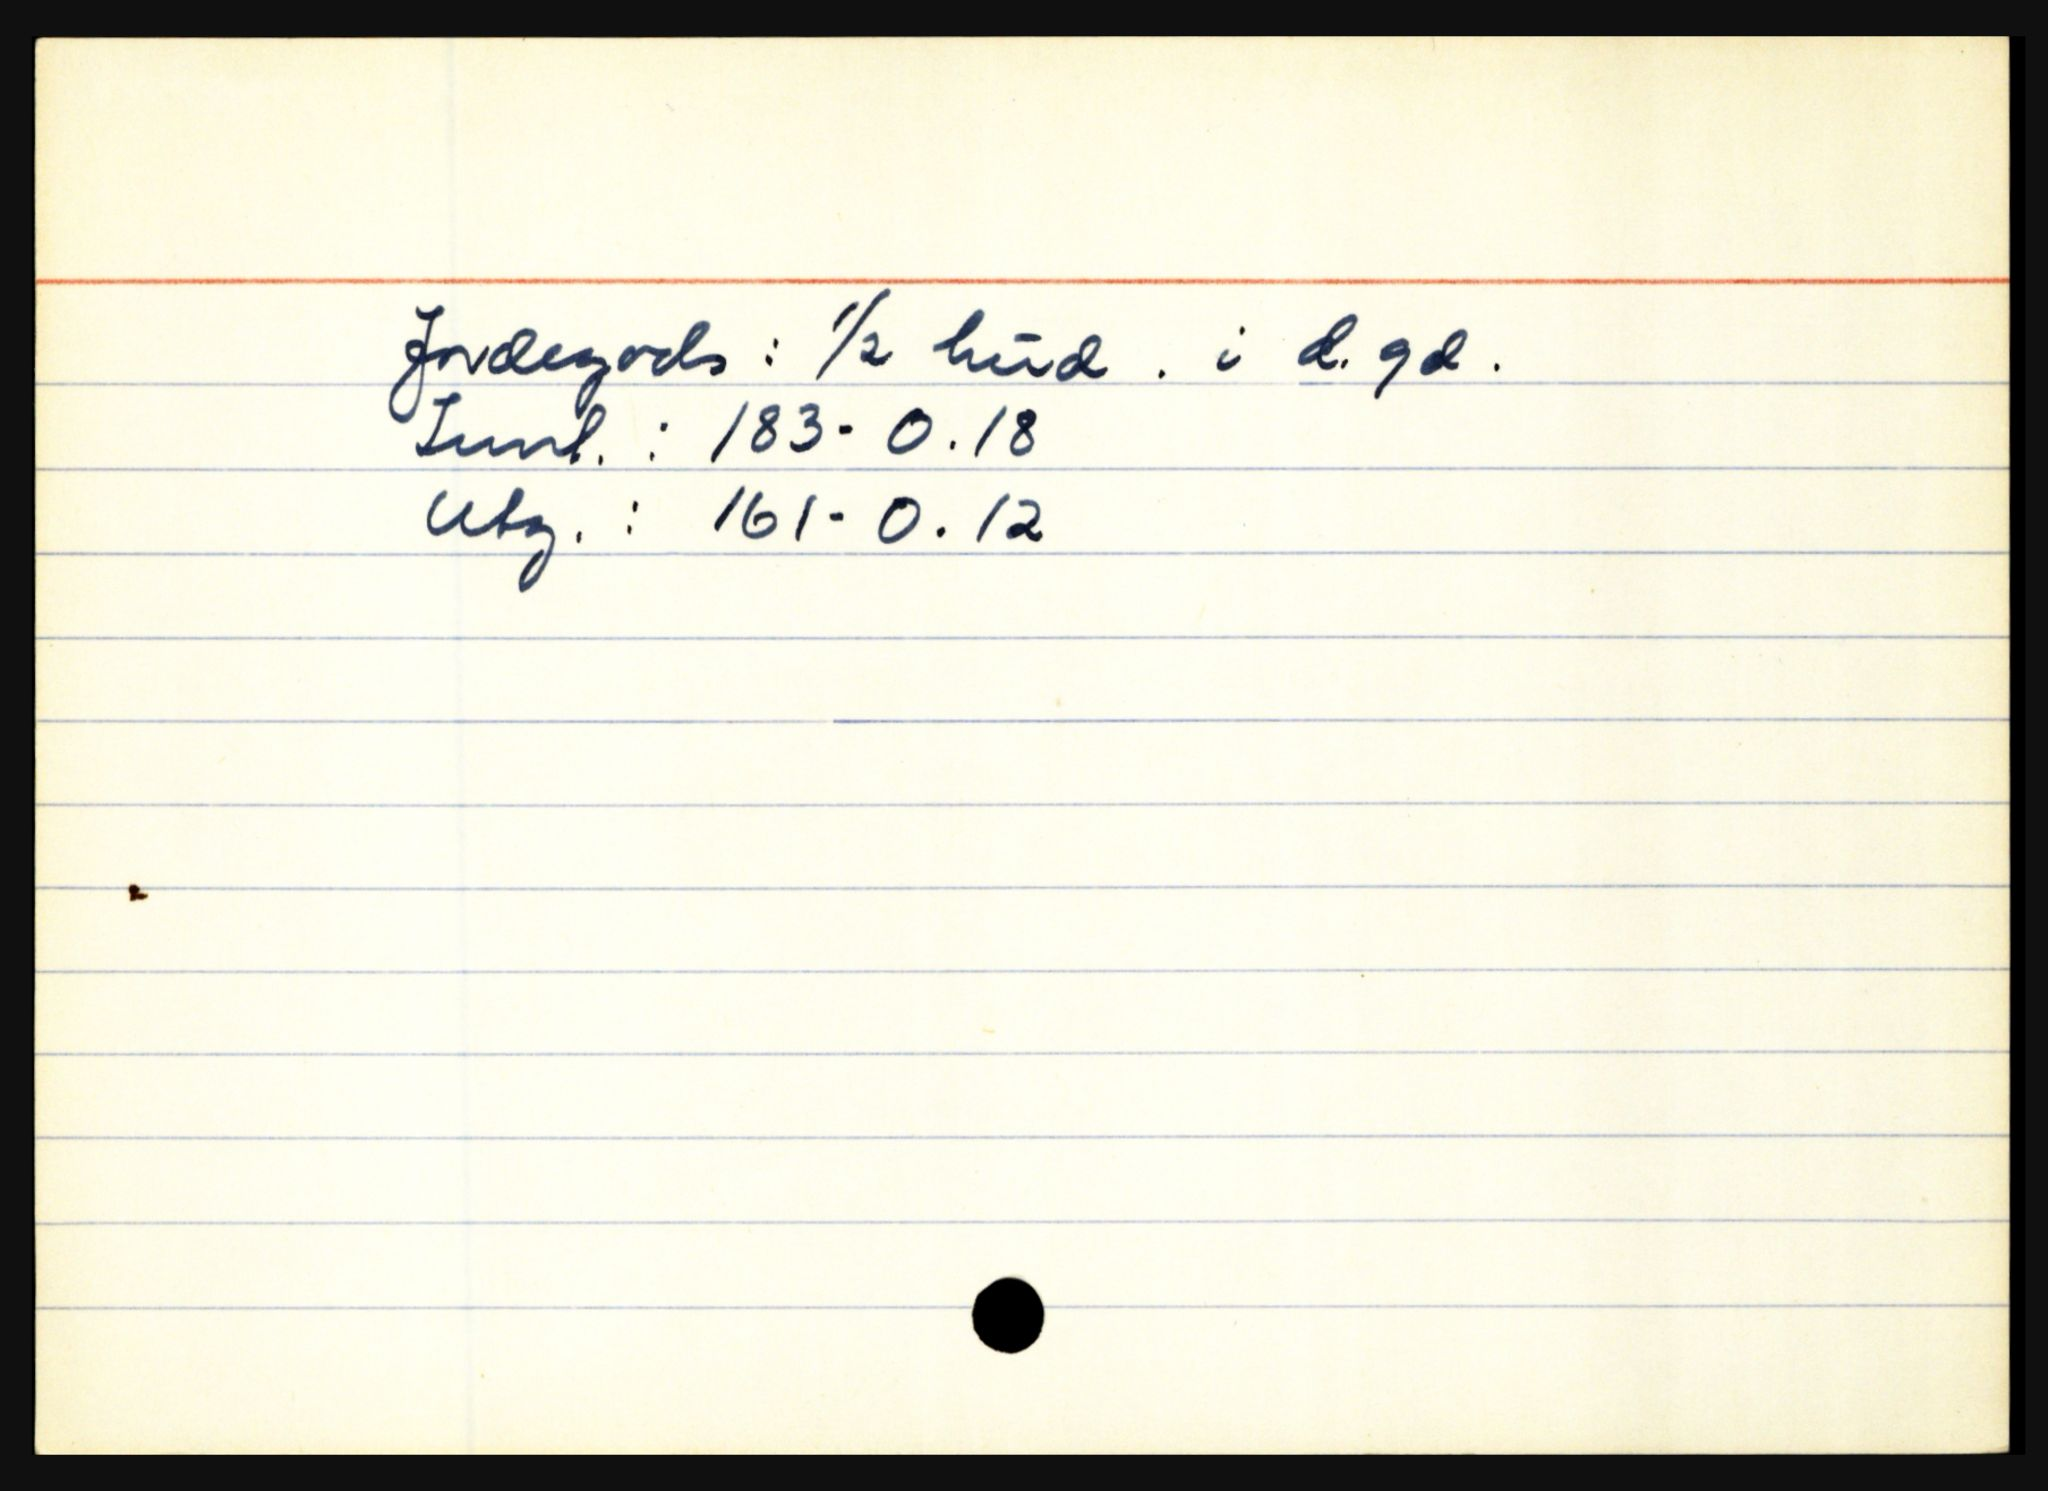 SAK, Lister sorenskriveri, H, s. 23954